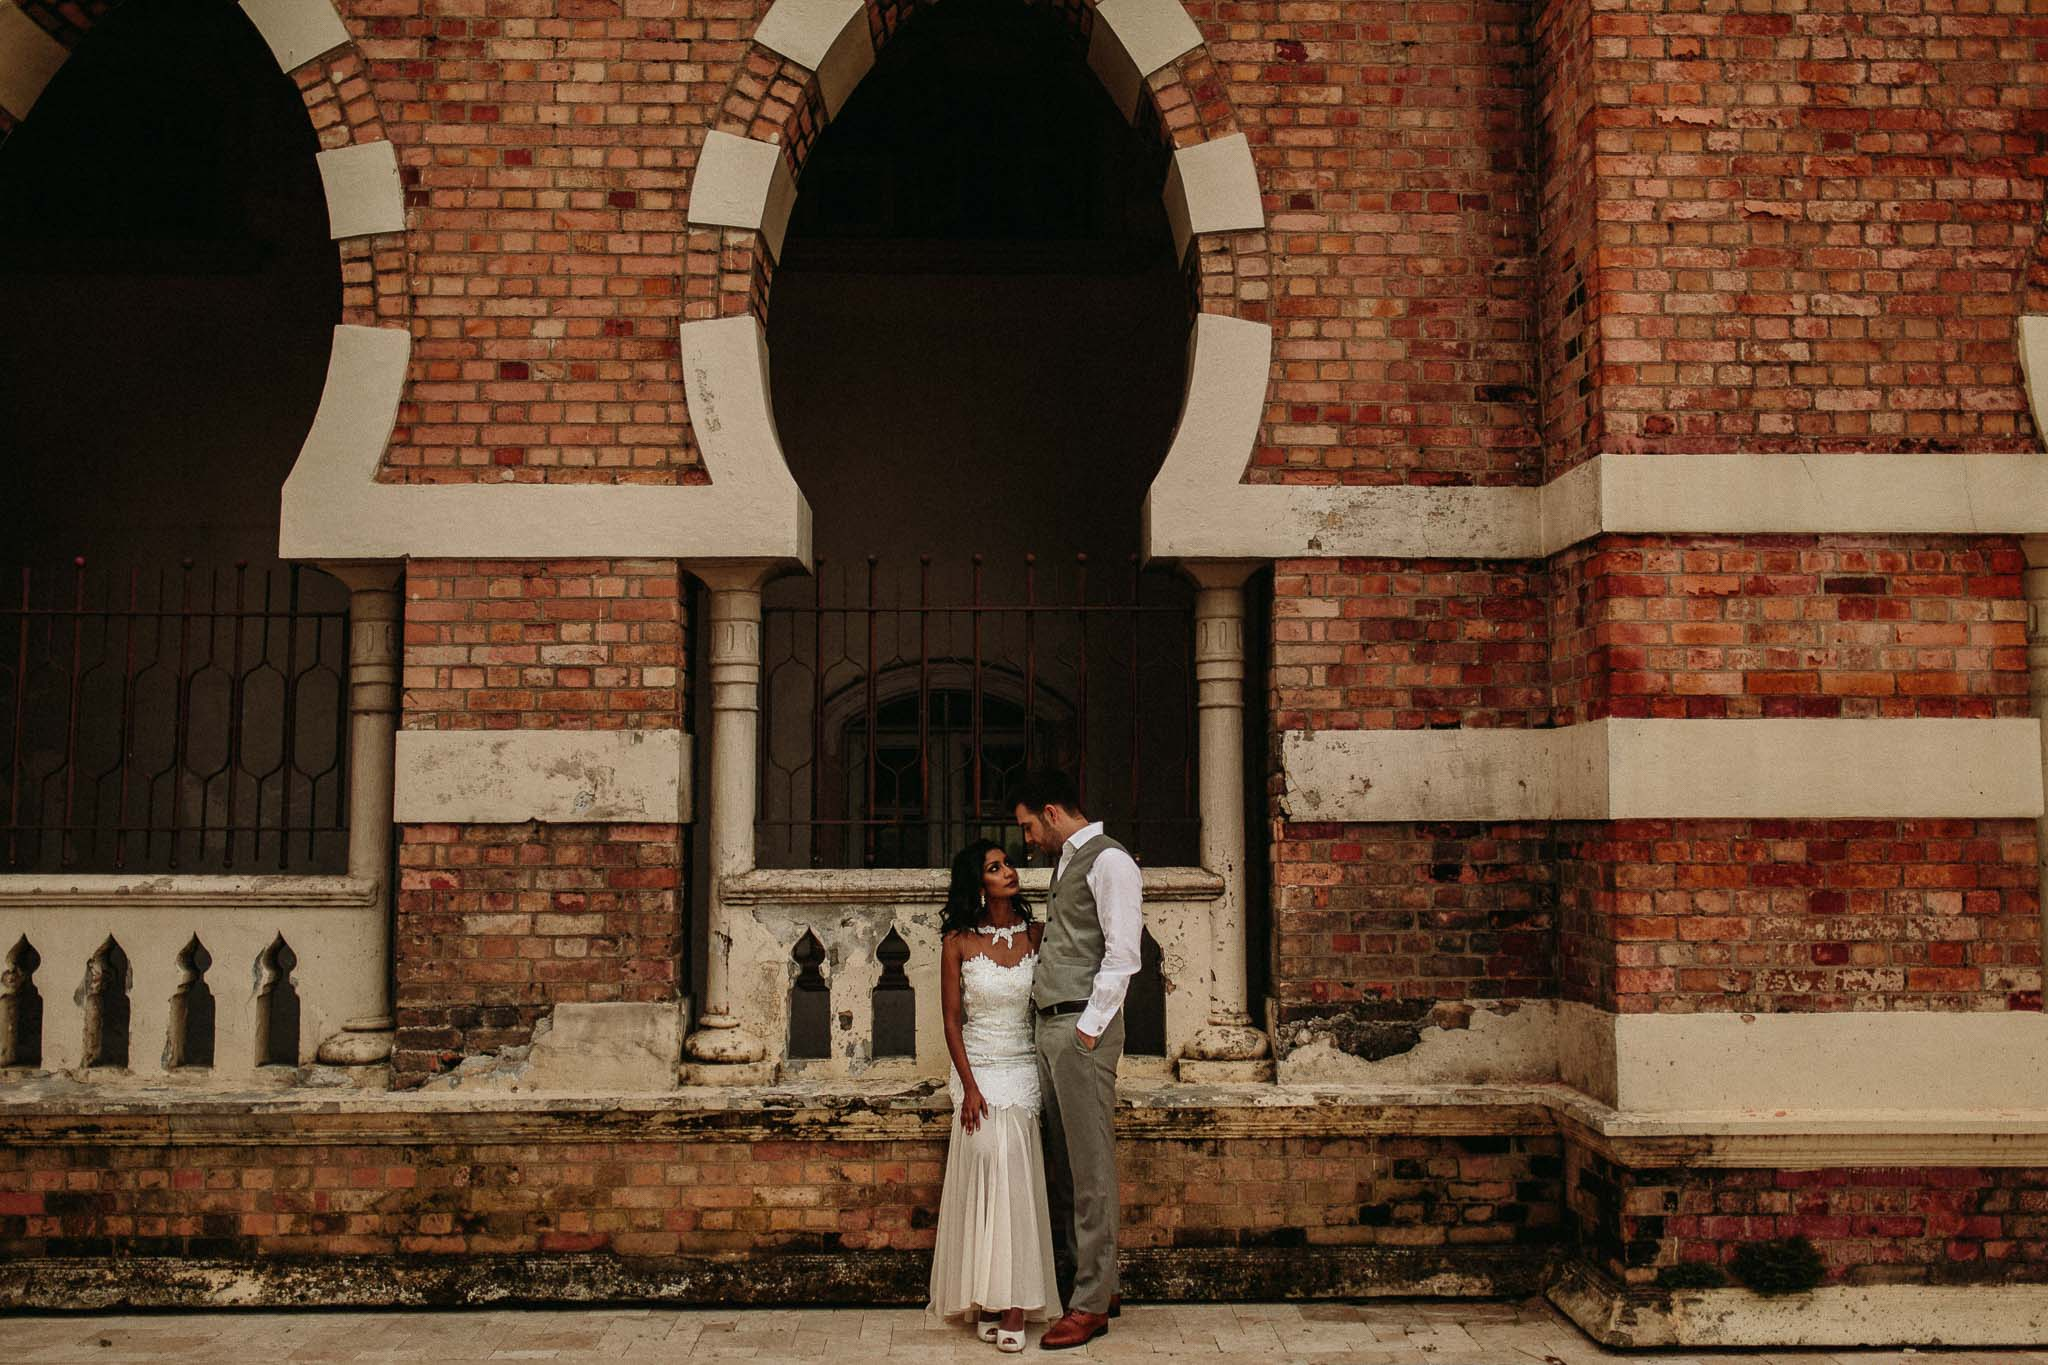 u&m-weddingsbyqay-lovesession-destinationweddingphotographer (135 of 160).jpg